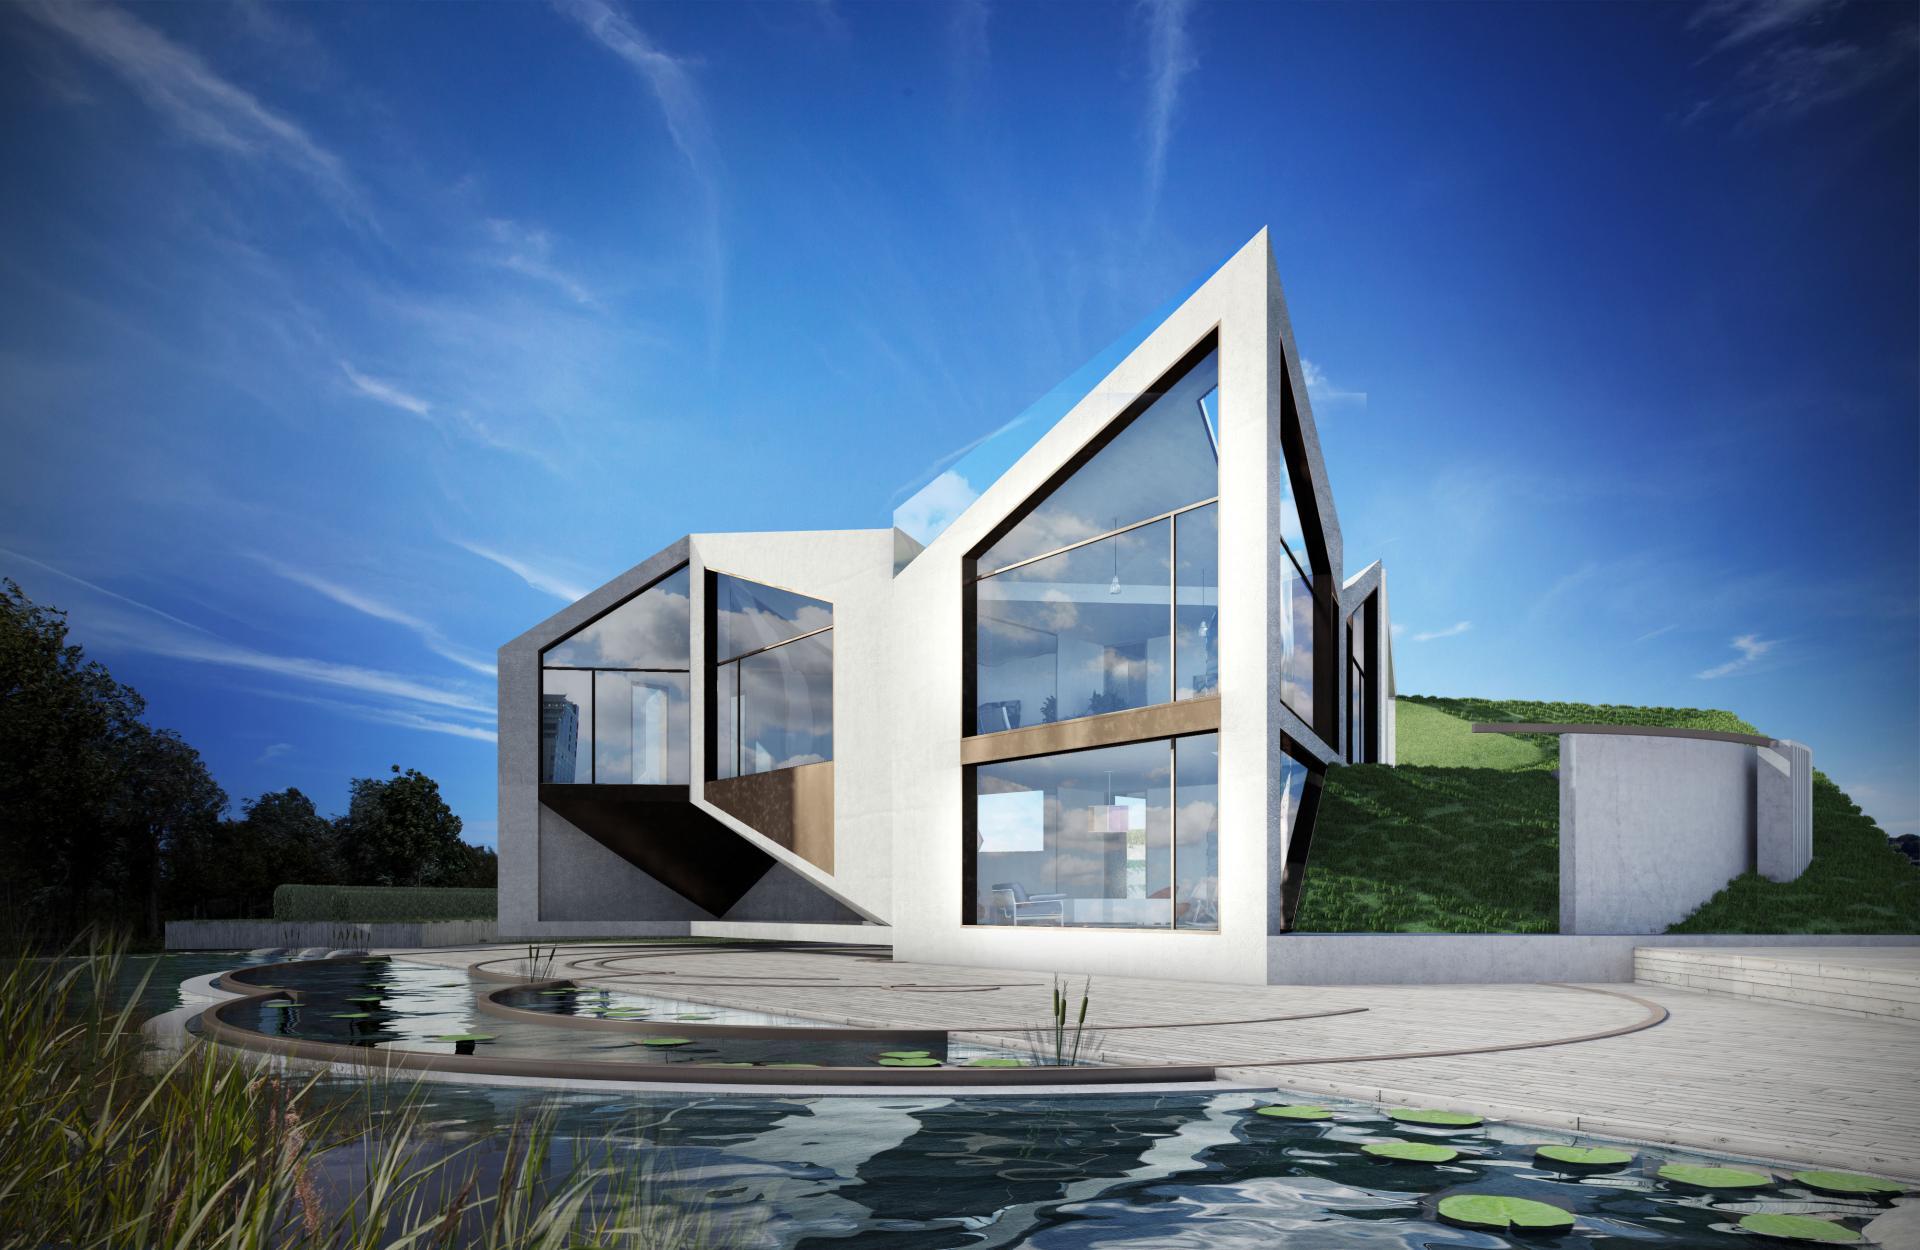 The D Haus By David Ben Gr 252 Nberg Amp Daniel Woolfson